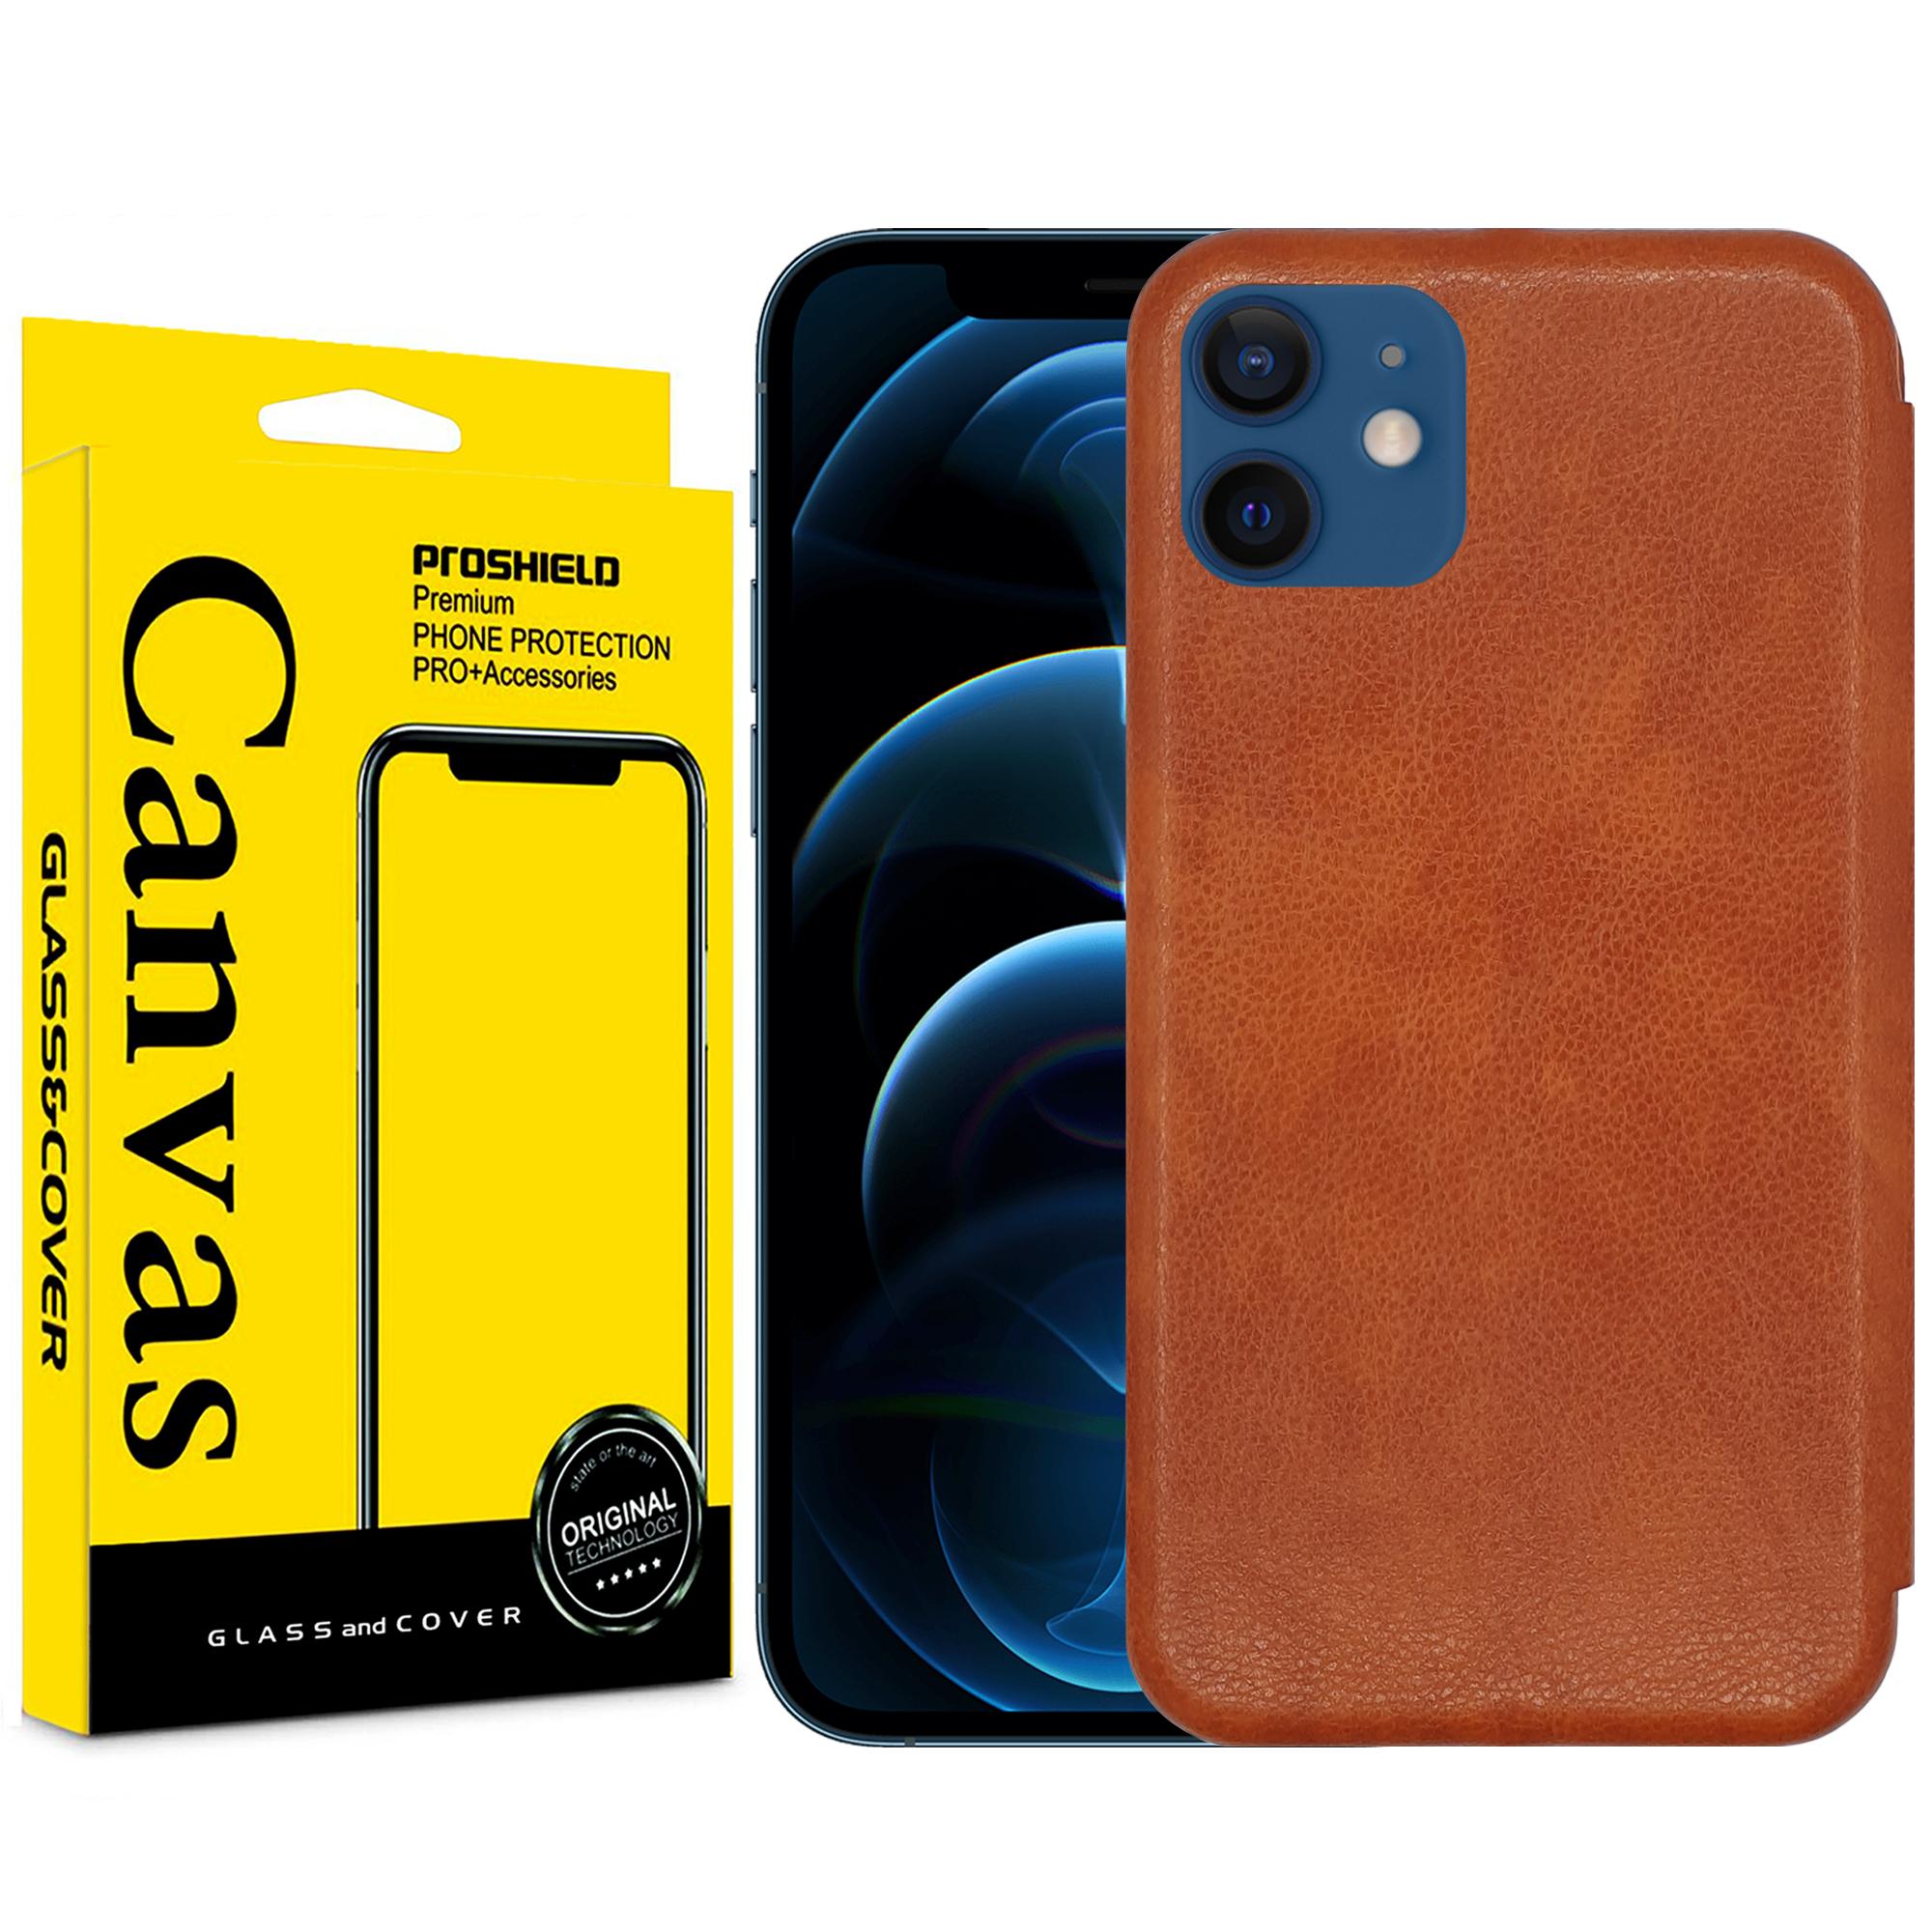 بررسی و {خرید با تخفیف} کیف کلاسوری کانواس مدل MAX SERIES مناسب برای گوشی موبایل اپل IPHONE 12/12 PRO اصل